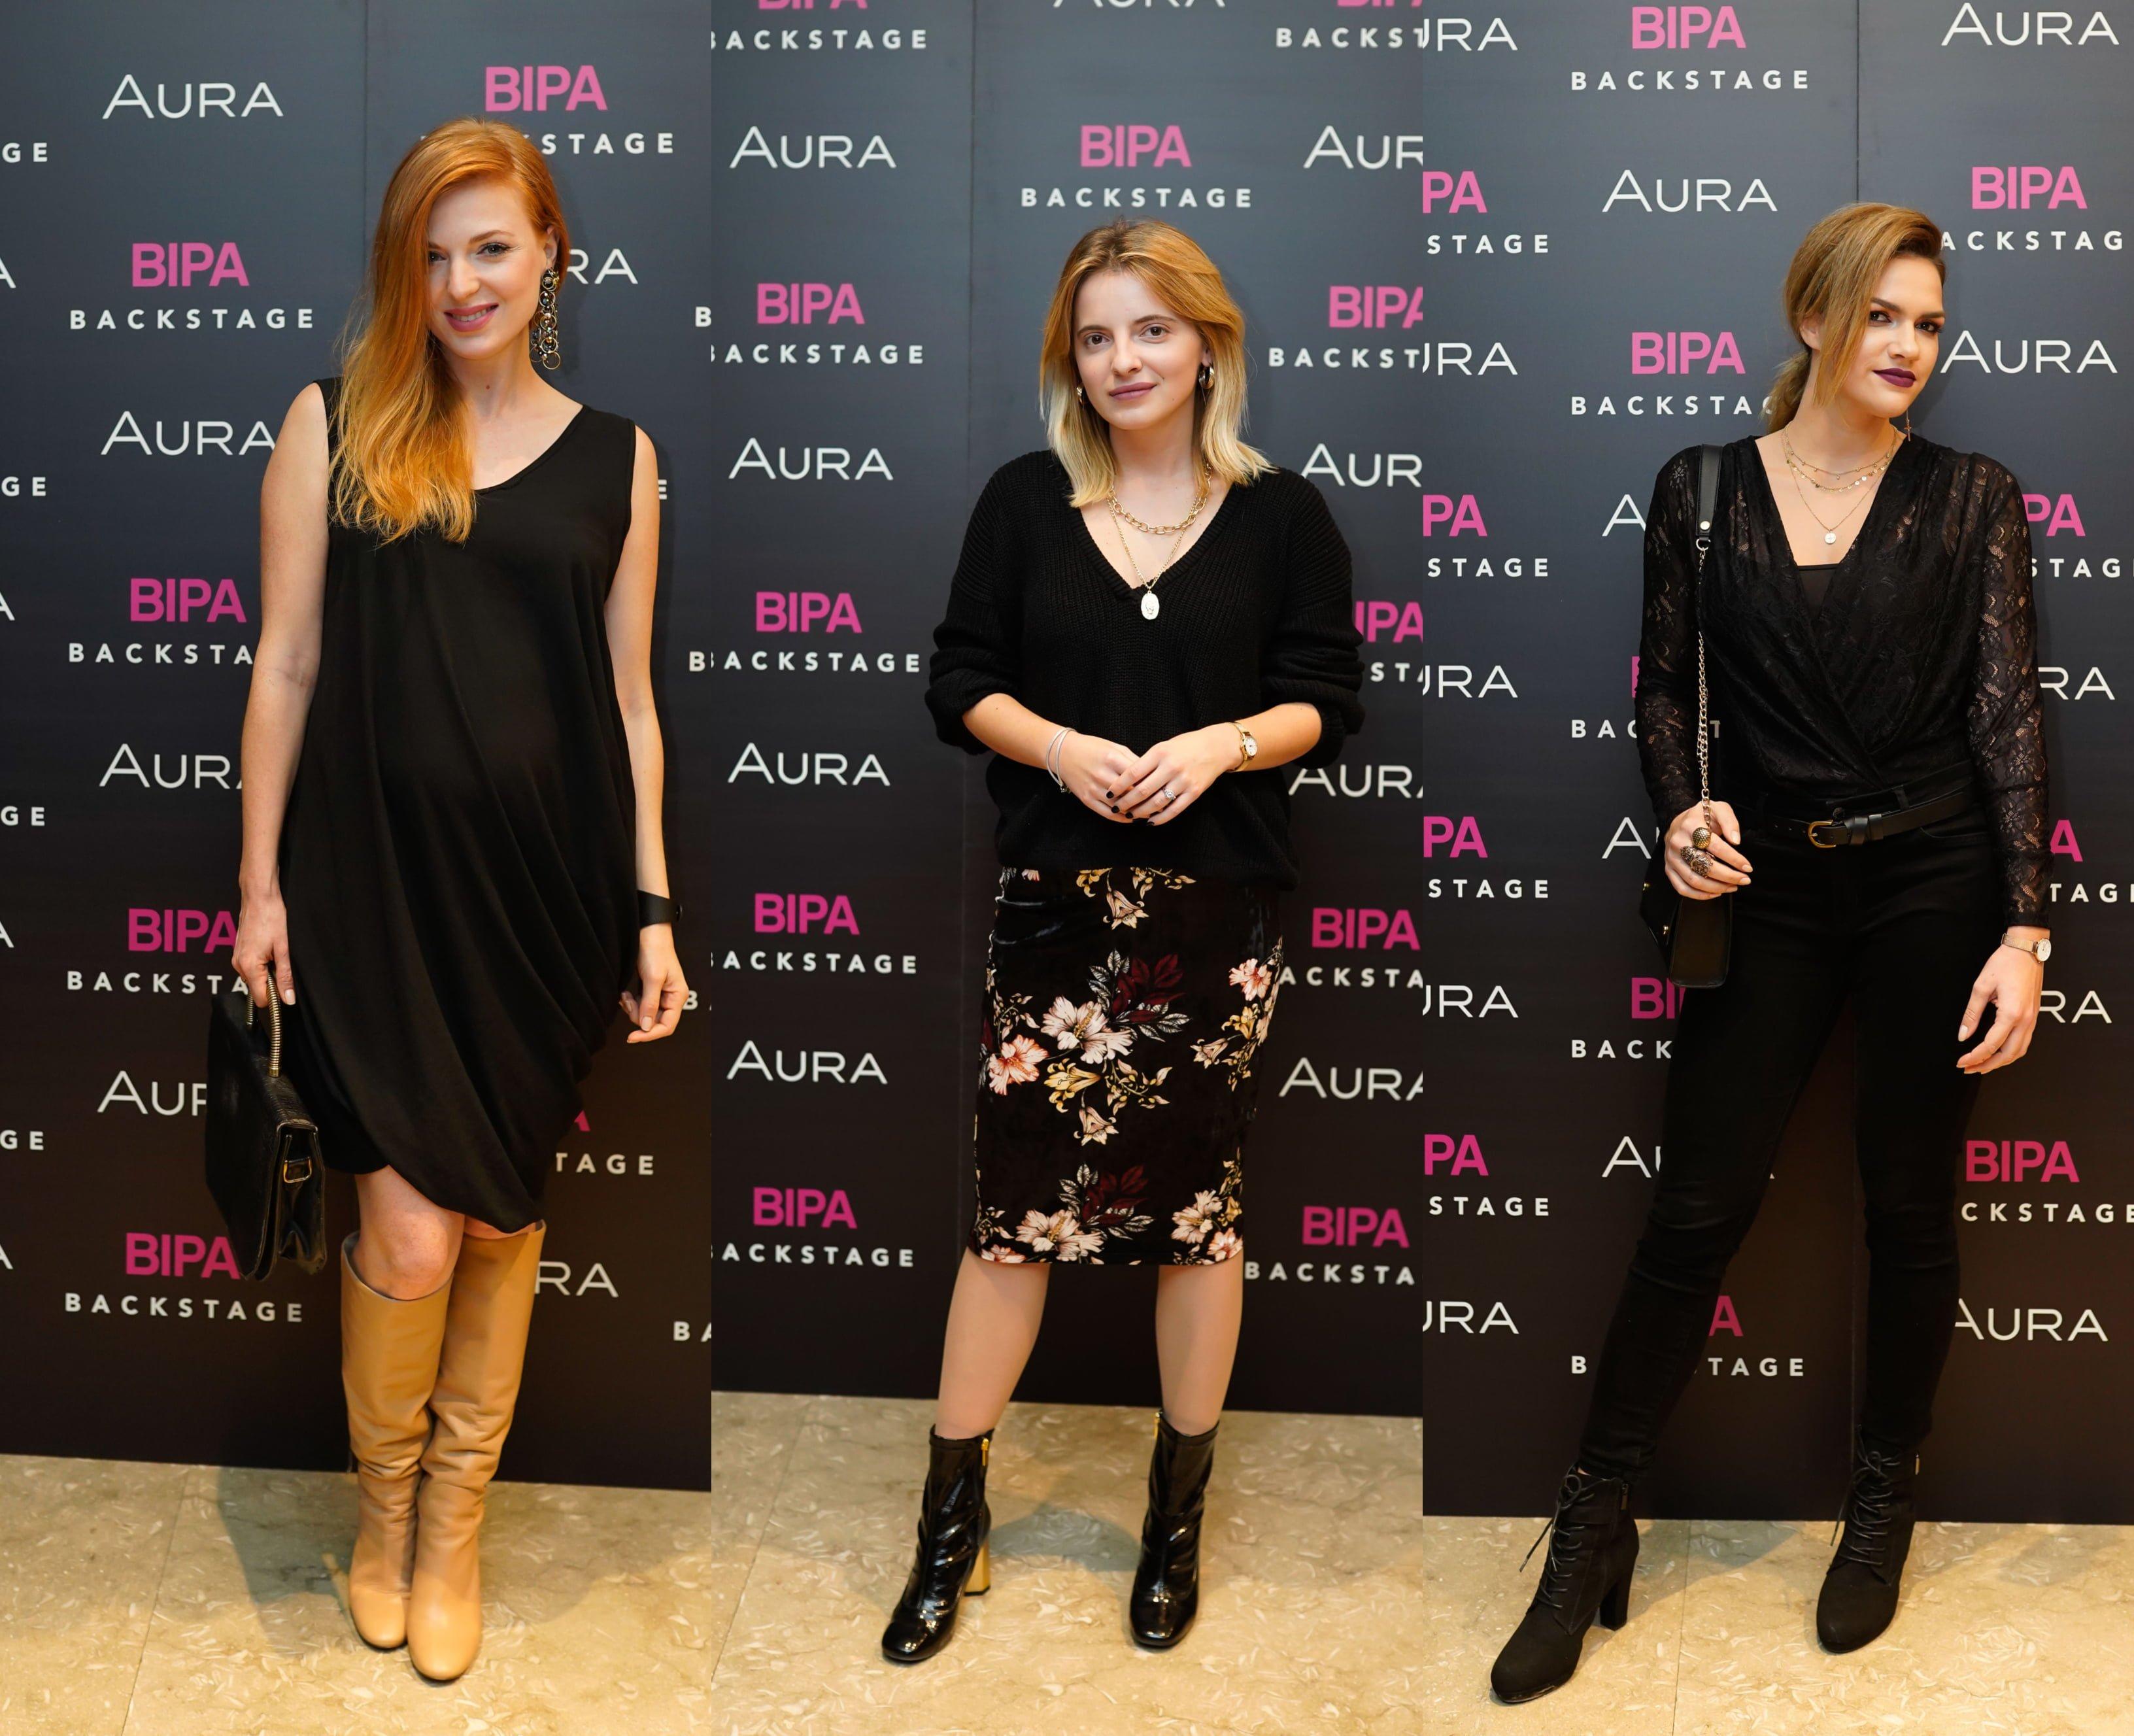 Aura povratak na hrvatsko tržište proslavila u društvu poznatih lica